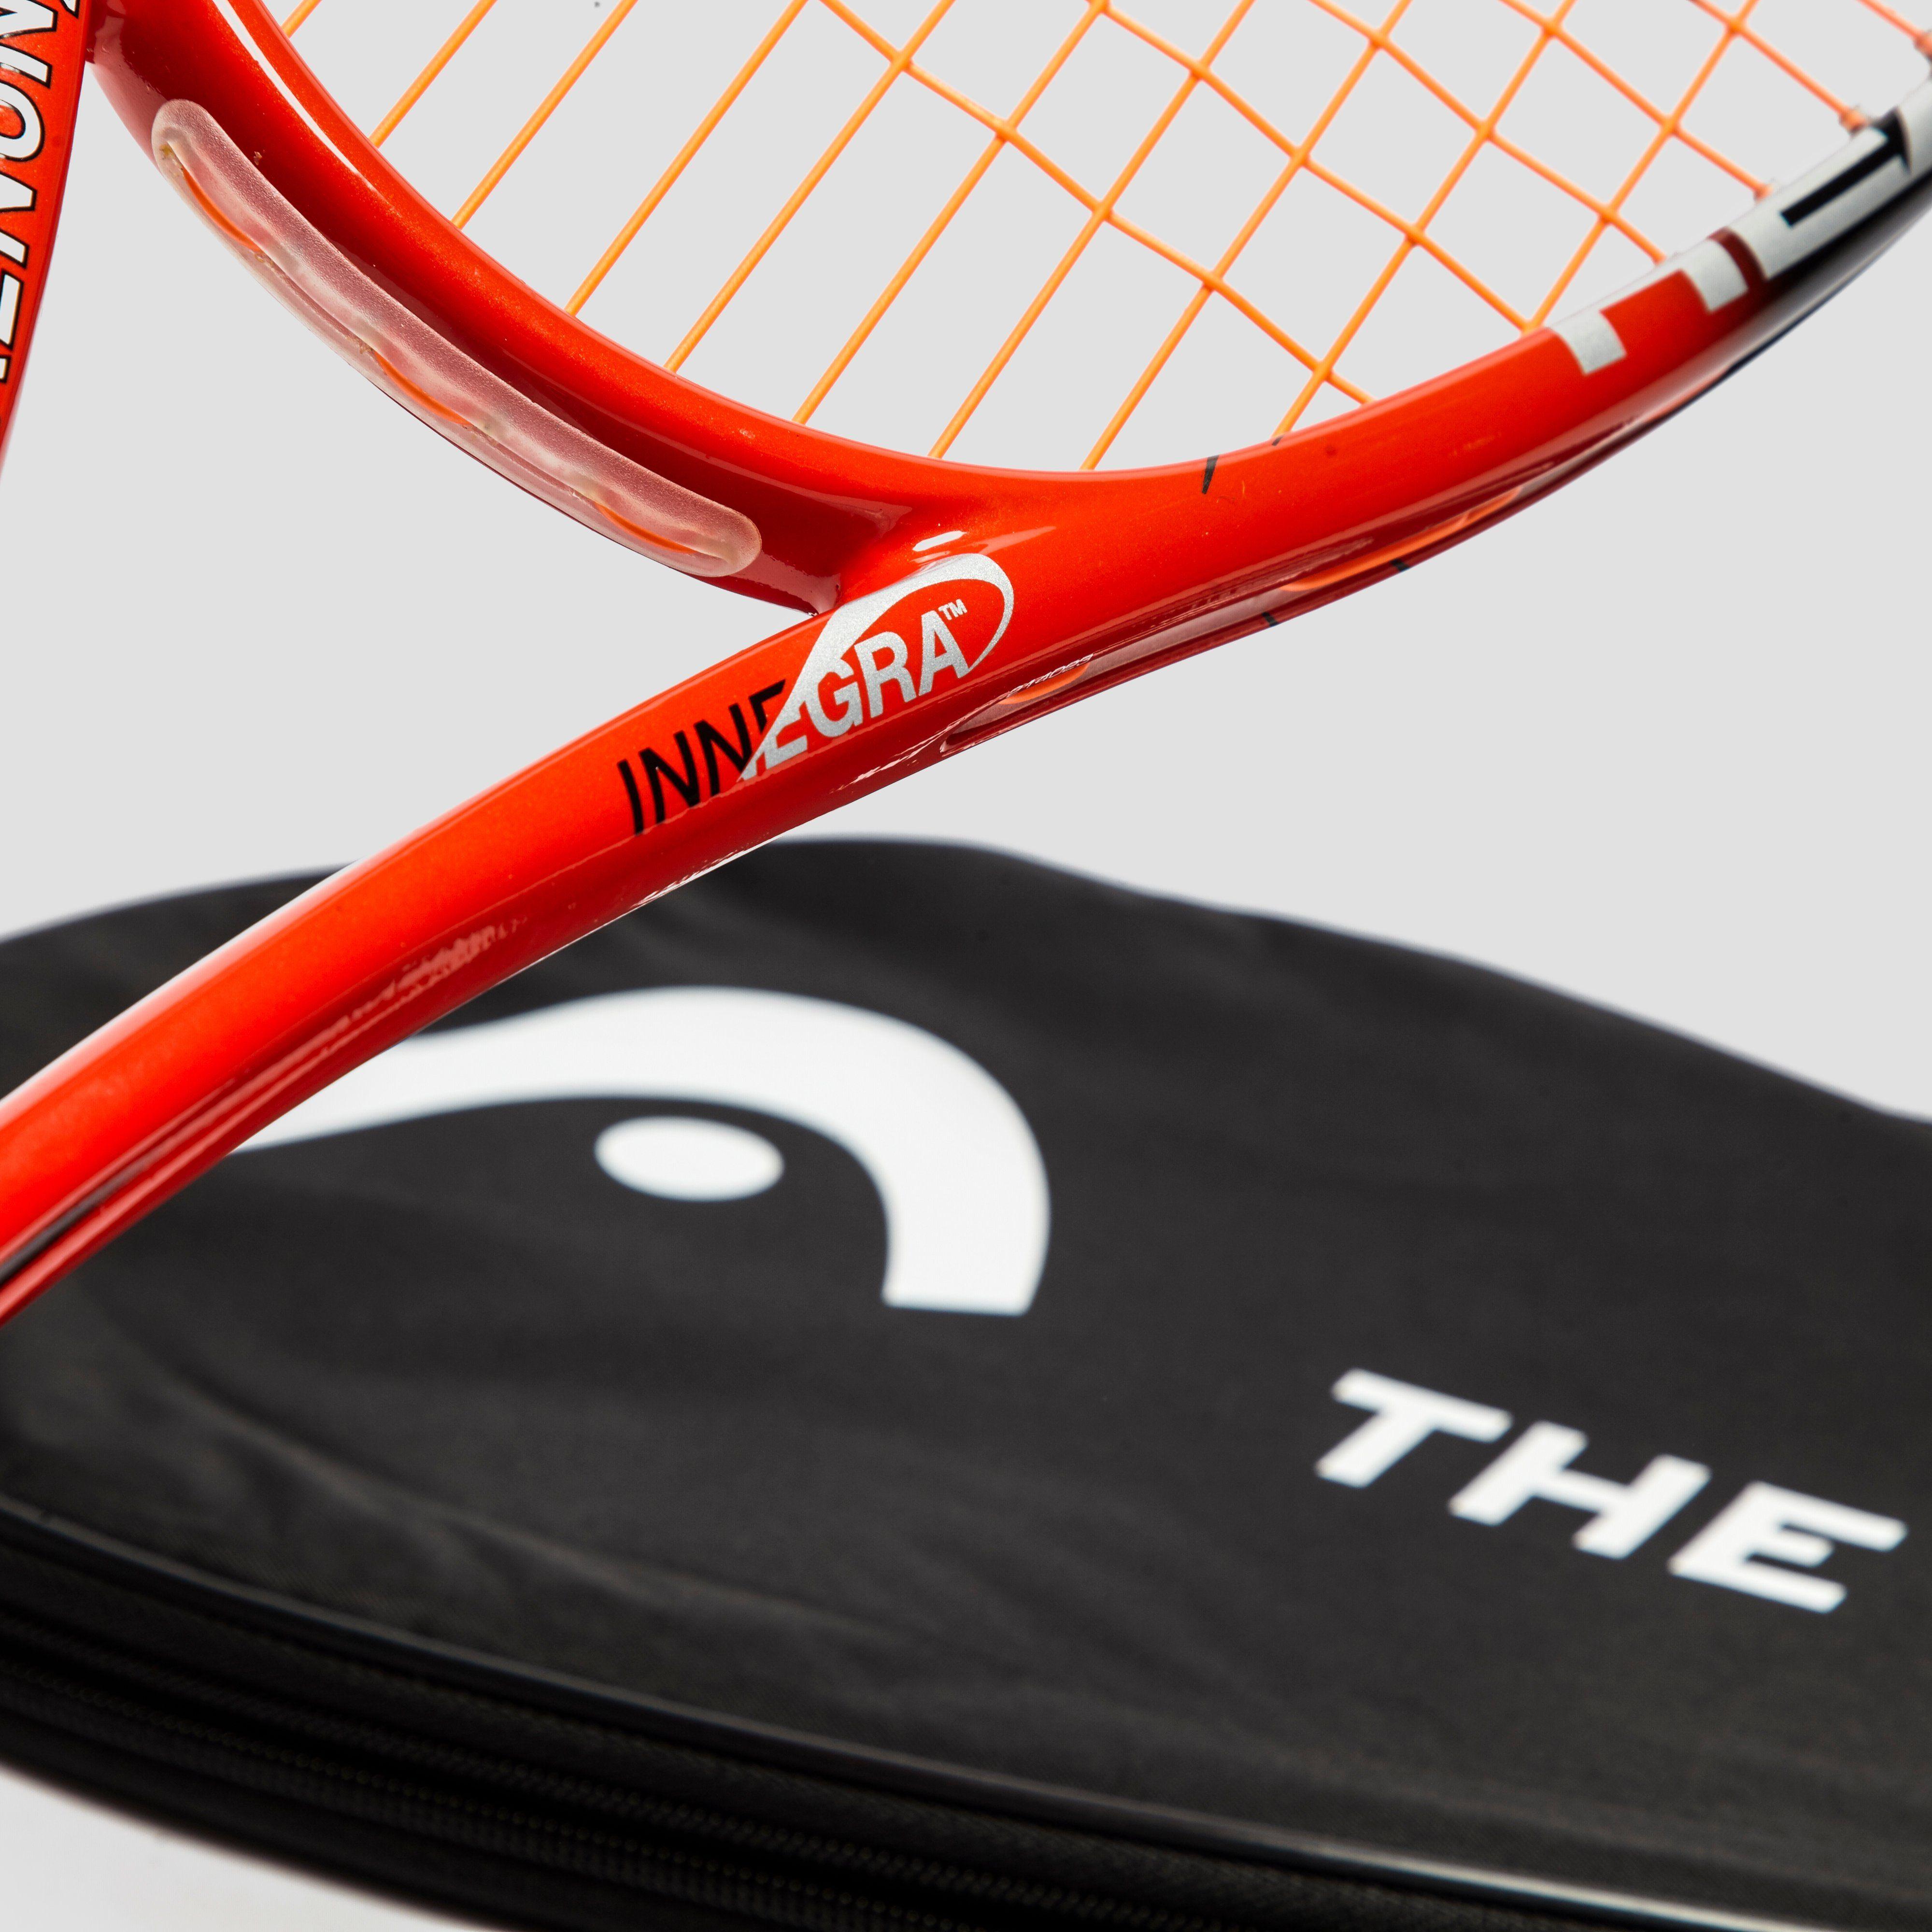 Head Xenon2 135 Squash Racket